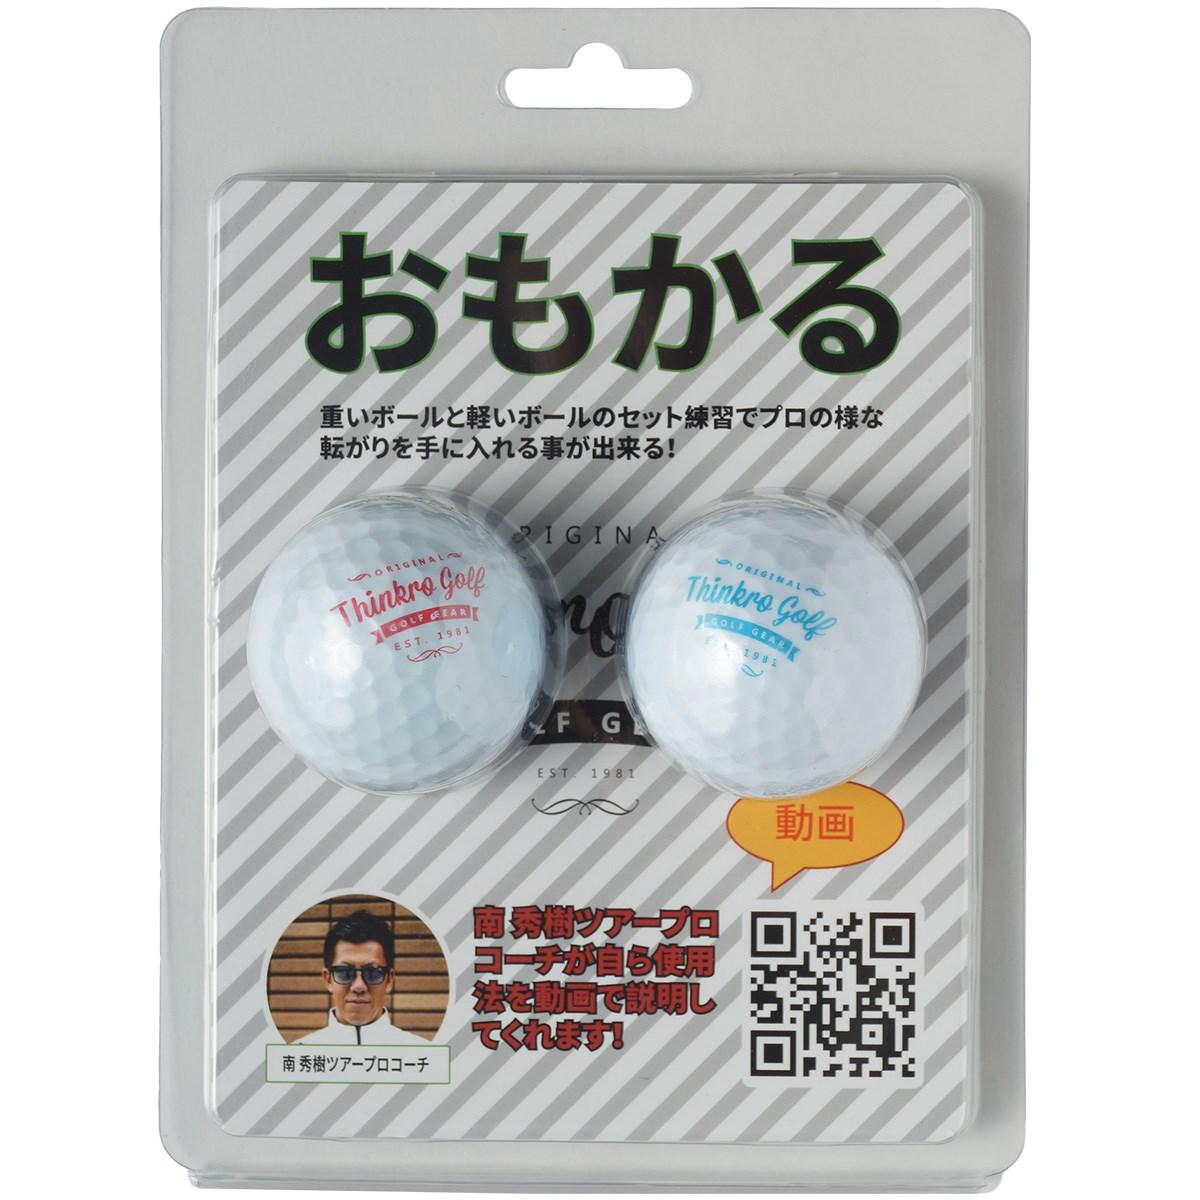 その他メーカー THINKRO GOLF おもかる パター専用練習ボール